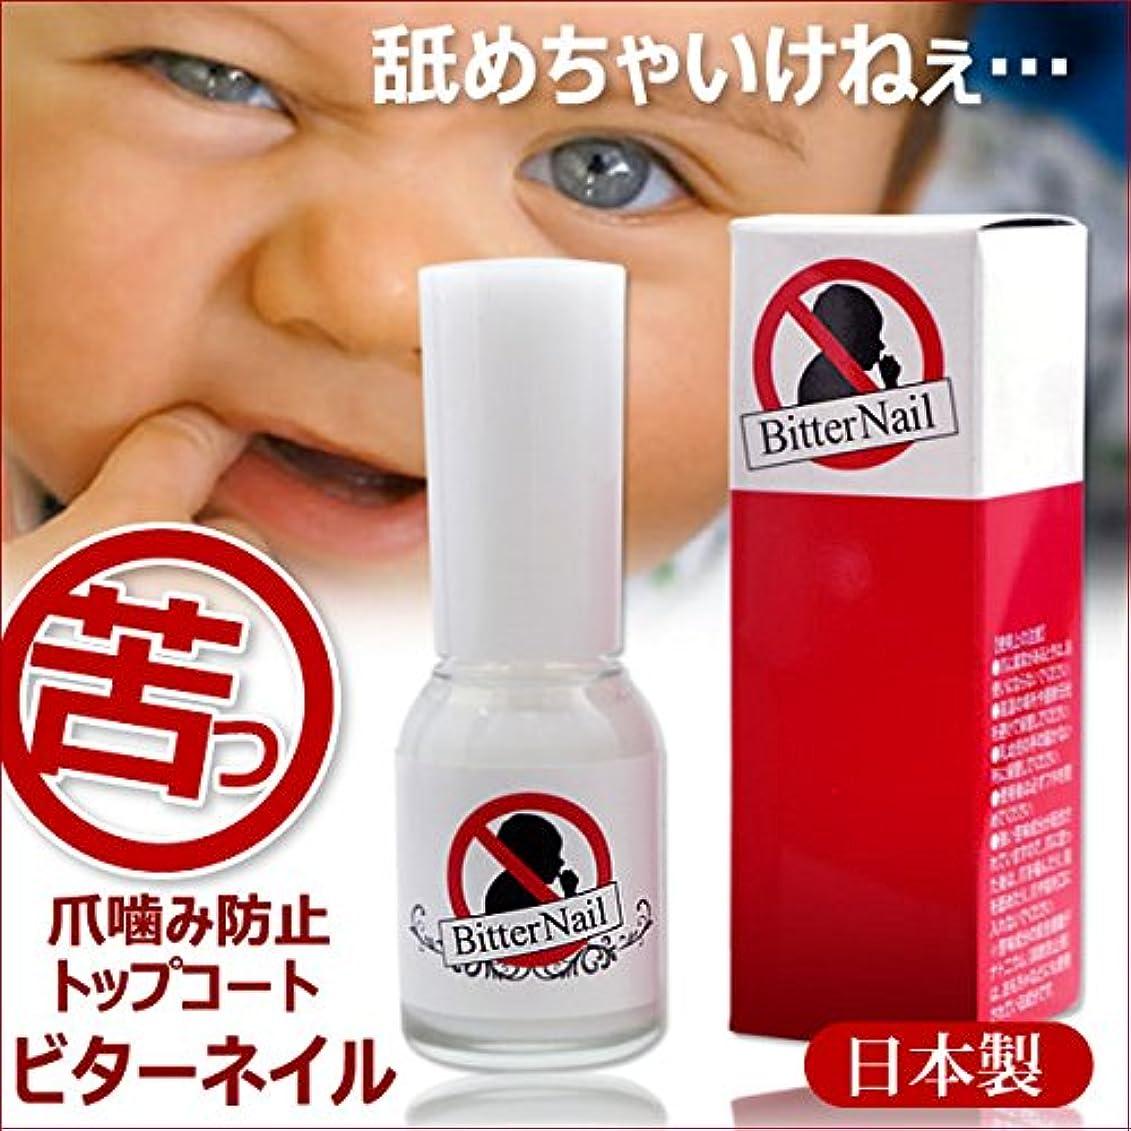 ウィスキージャンルギャラントリービターネイル 10ml 日本製爪噛み防止トップコート 増量版 爪噛み 指しゃぶり